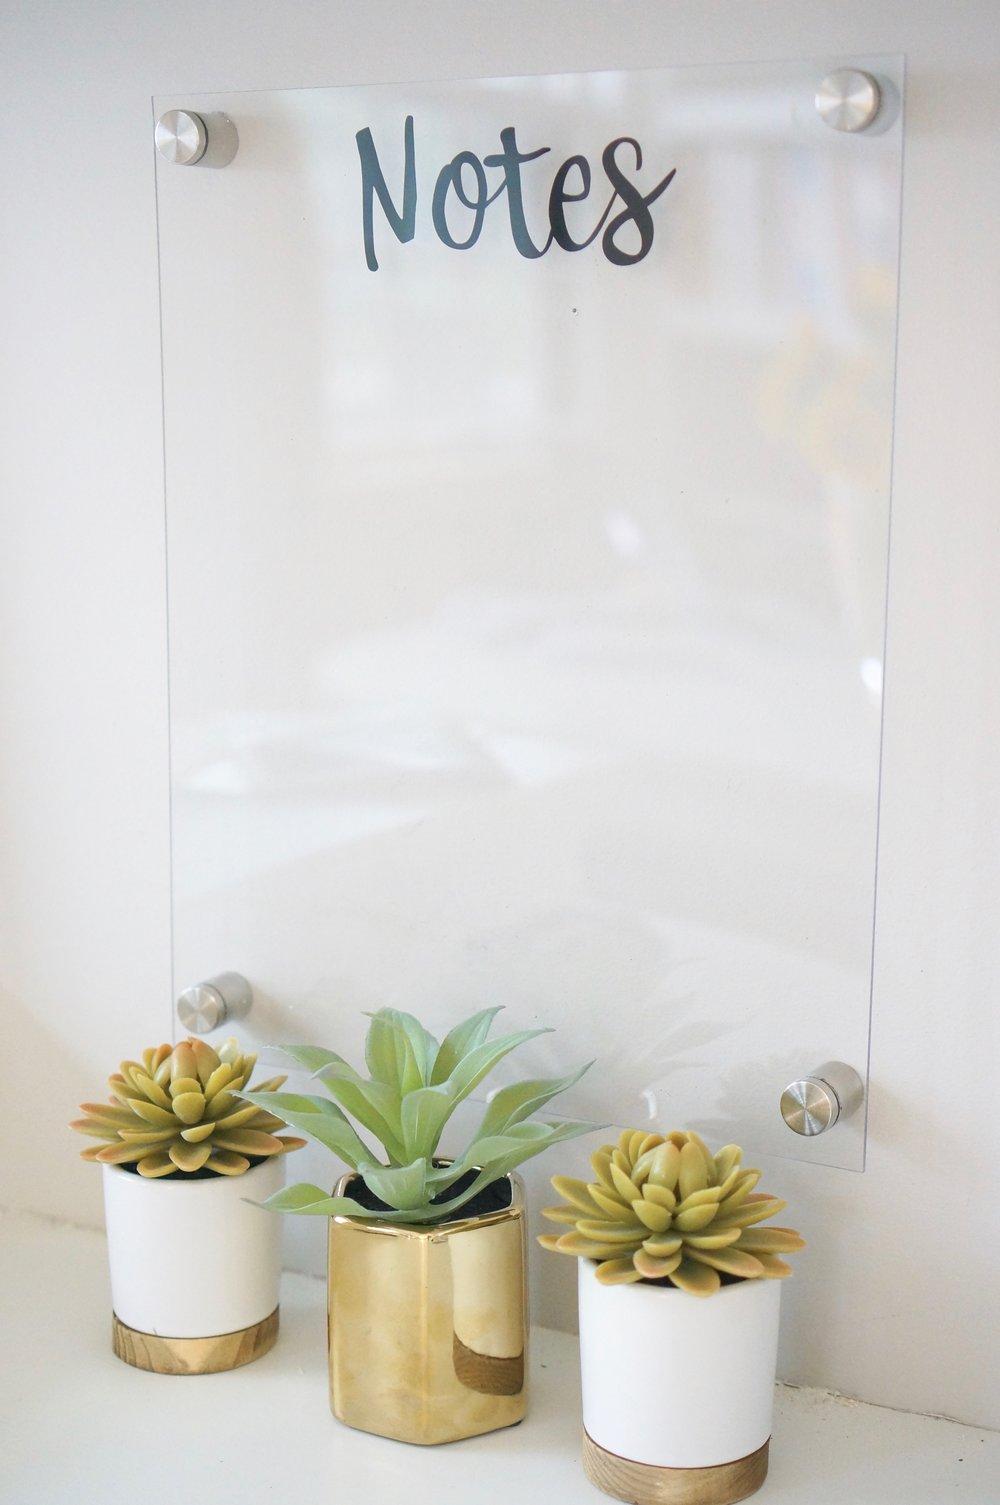 acrylic notes board